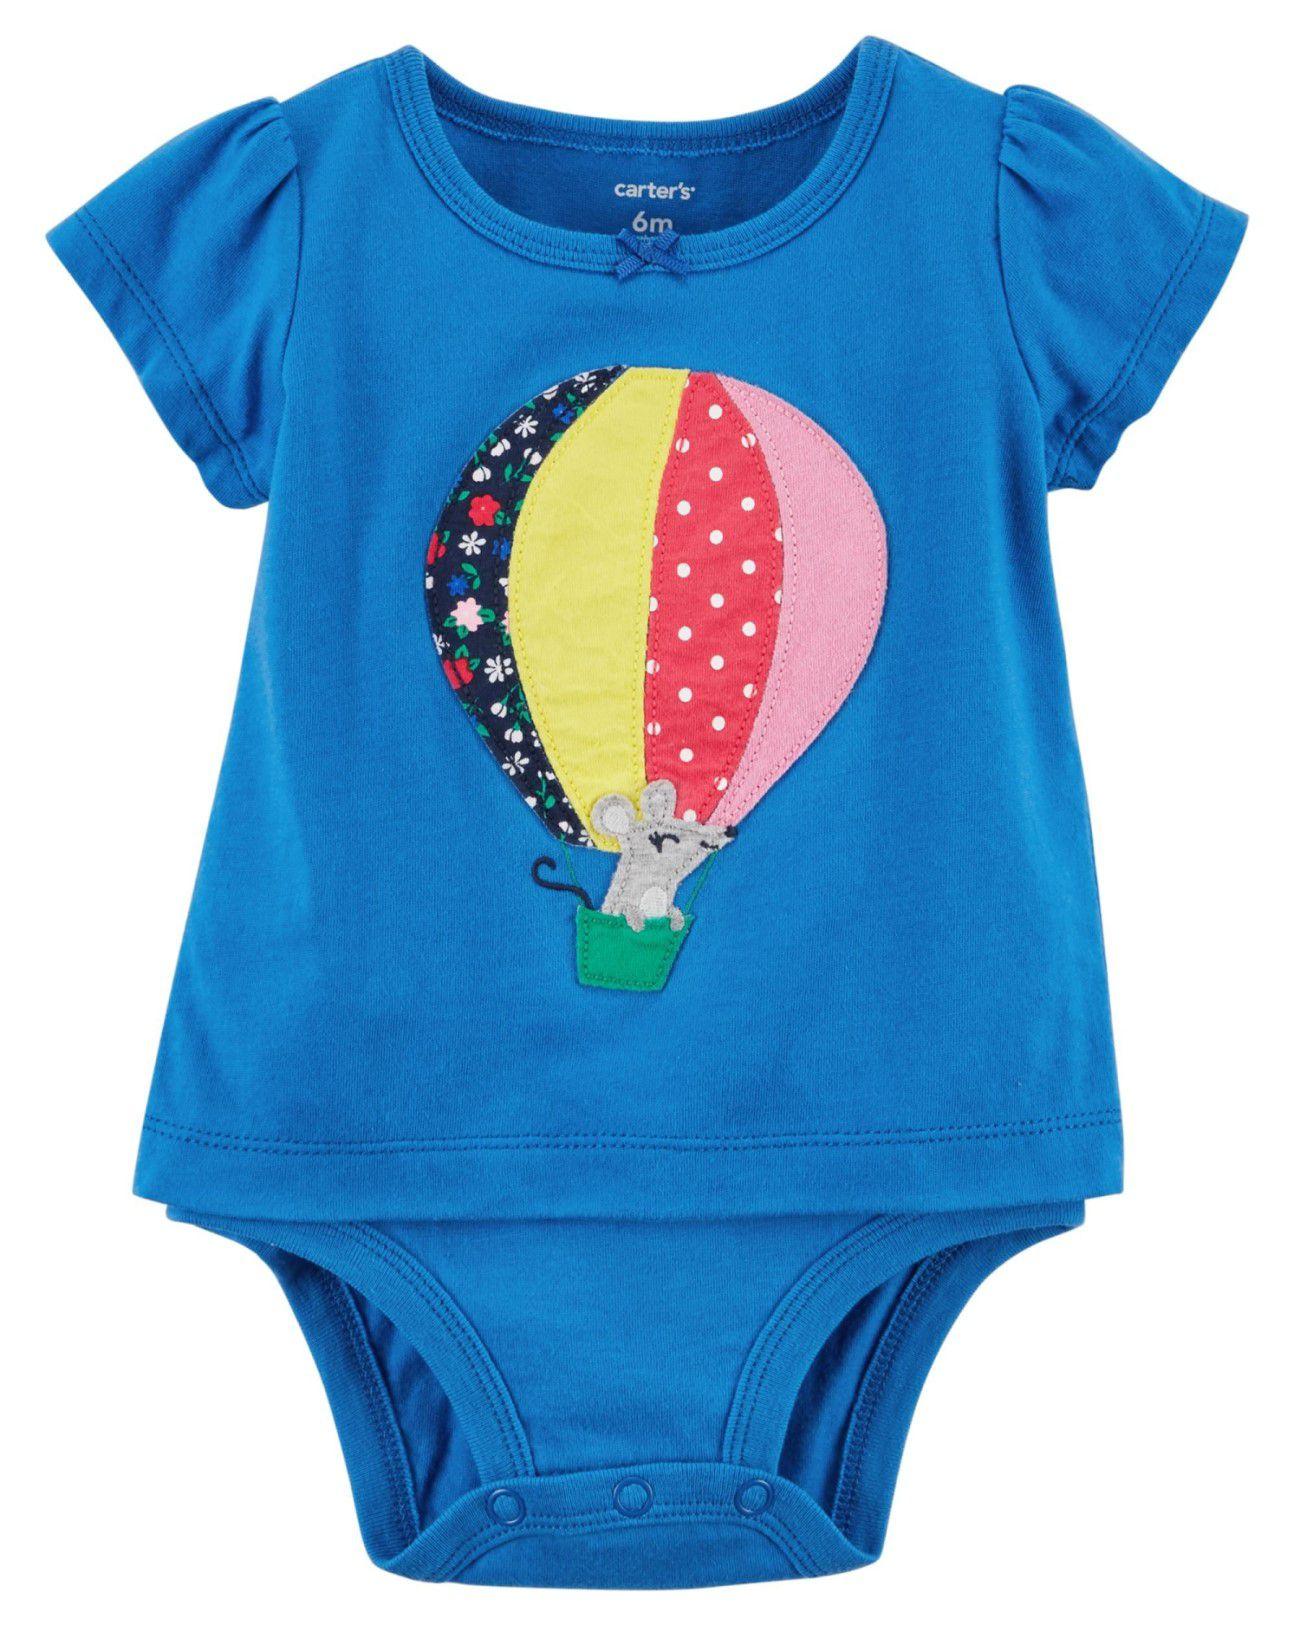 Body Camiseta Carter's Balão